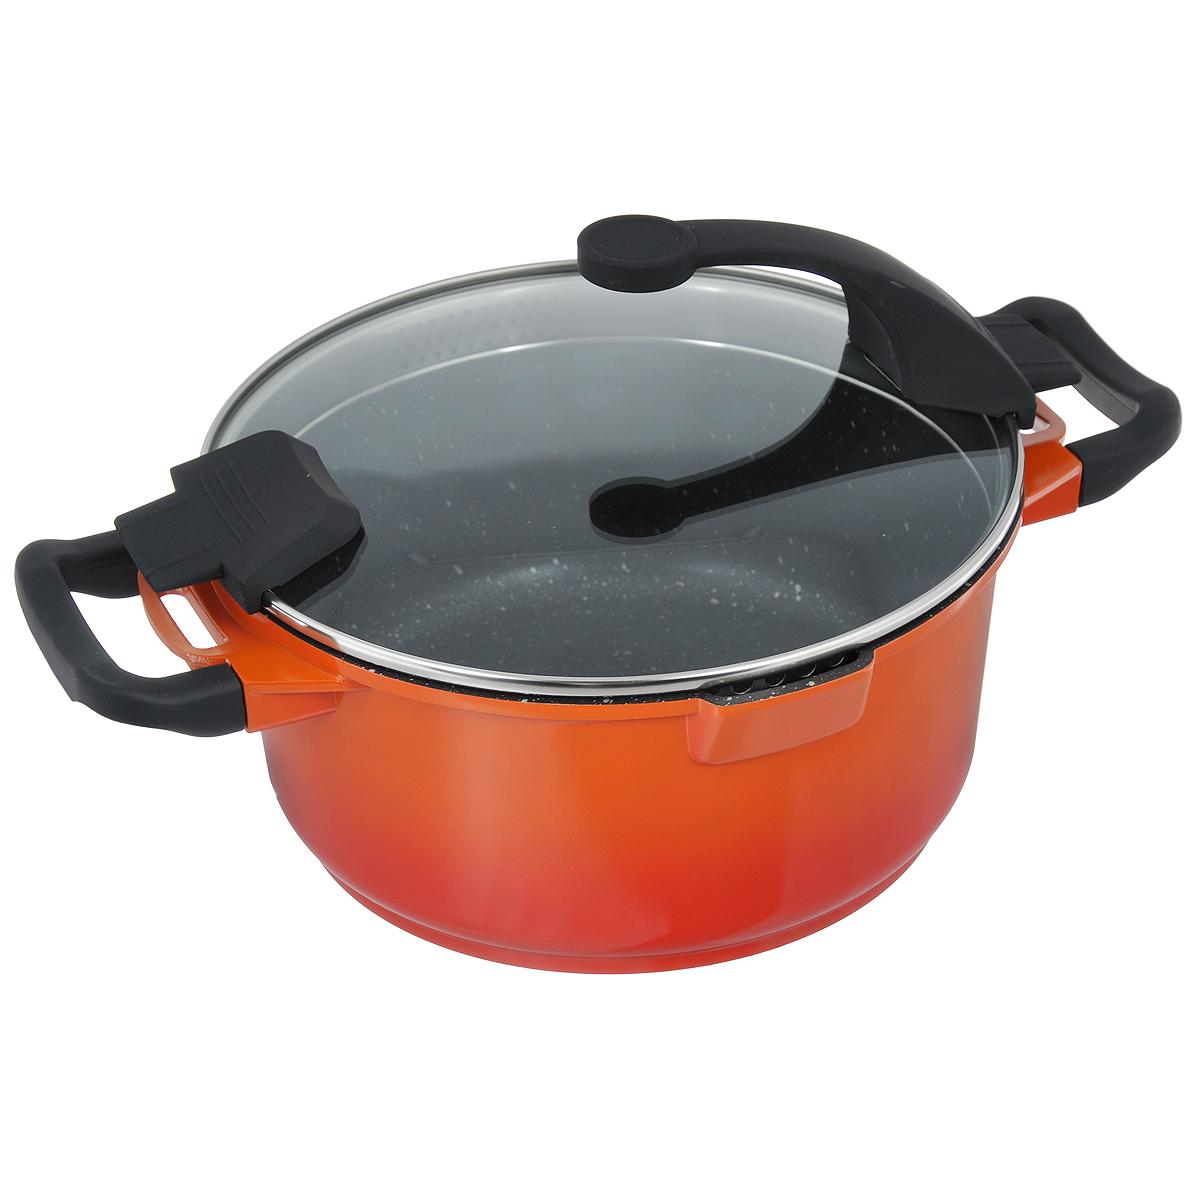 Кастрюля BergHOFF Virgo Orange с крышкой, с антипригарным покрытием, цвет: оранжево-красный, 4,6 л54 009312Кастрюля BergHOFF Virgo изготовлена из литого алюминия, который имеет эффект чугунной посуды. В отличие от чугуна, посуда из алюминия легче по весу и быстро нагревается, что гарантирует сбережение энергии. Внутреннее покрытие - экологически безопасное антипригарное покрытие Ferno Green, которое не содержит ни свинца, ни кадмия. Антипригарные свойства посуды позволяют готовить без жира и подсолнечного масла или с его малым количеством. Ручки выполнены из бакелита с покрытием Soft-touch, они имеют комфортную эргономичную форму и не нагреваются в процессе эксплуатации. Крышка изготовлена из термостойкого стекла, благодаря чему можно наблюдать за ингредиентами в процессе приготовления. Широкий металлический обод со специальными отверстиями разного диаметра позволяет выливать жидкость, не снимая крышку. Подходит для всех типов плит, включая индукционные. Рекомендуется мыть вручную. Диаметр кастрюли (по верхнему краю): 24 см. Ширина кастрюли (с учетом ручек): 36 см.Высота стенки: 11,5 см. Толщина стенки: 3 мм. Толщина дна: 5 мм.